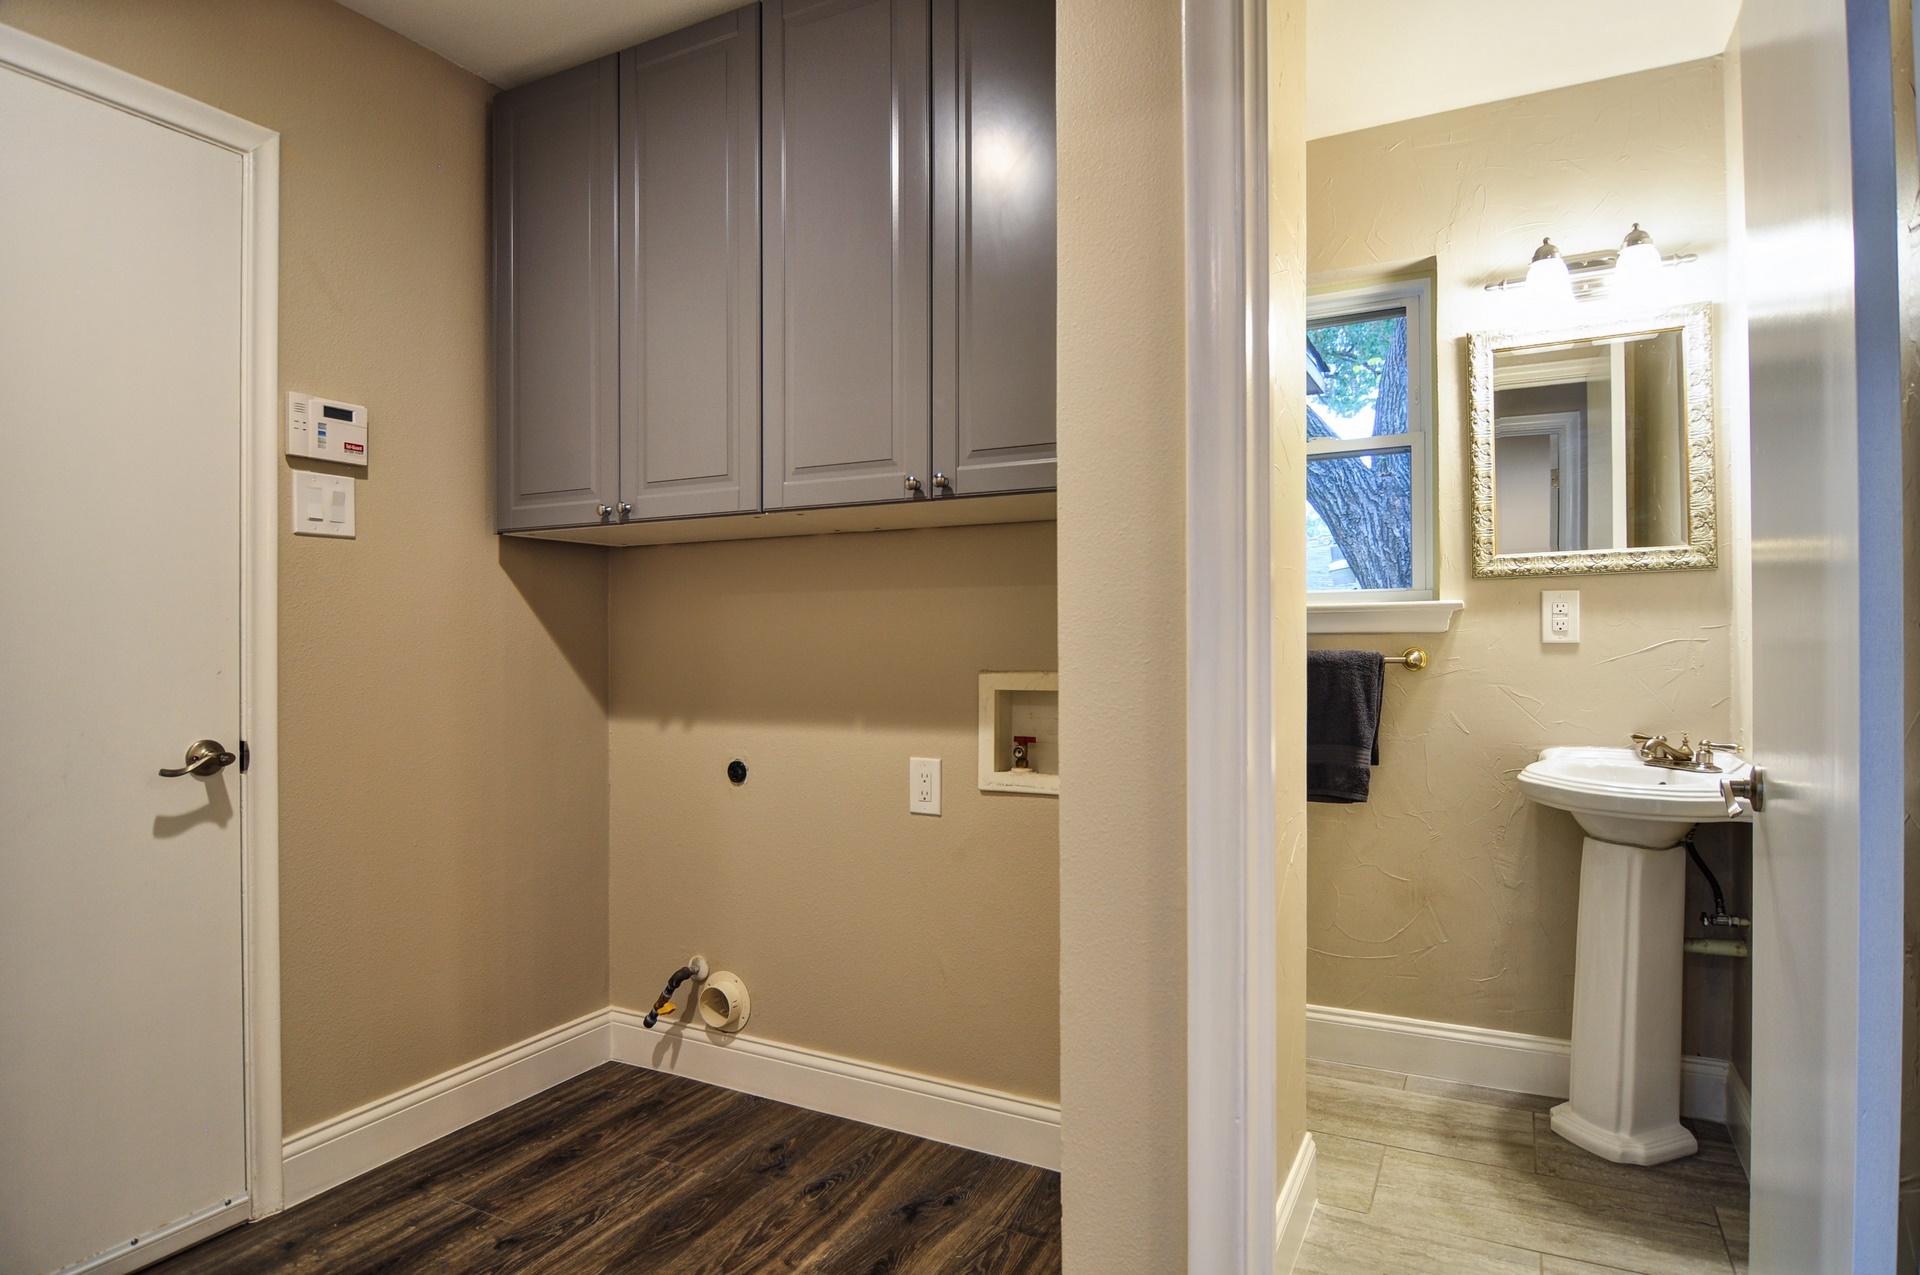 92 3112 Timberview Rd, Dallas TX 75229 Robert Jory Group.jpg